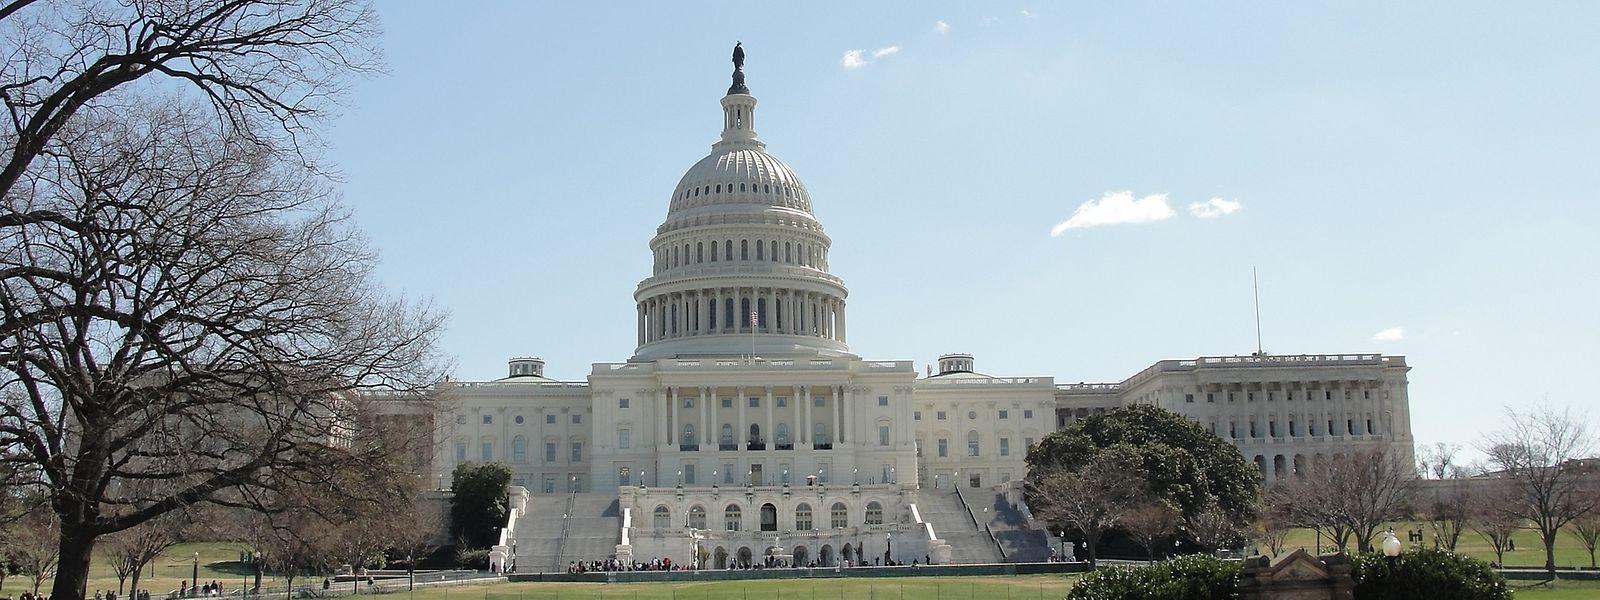 Die Anhörungen im US-Kongress könnten demnächst öffentlich werden.